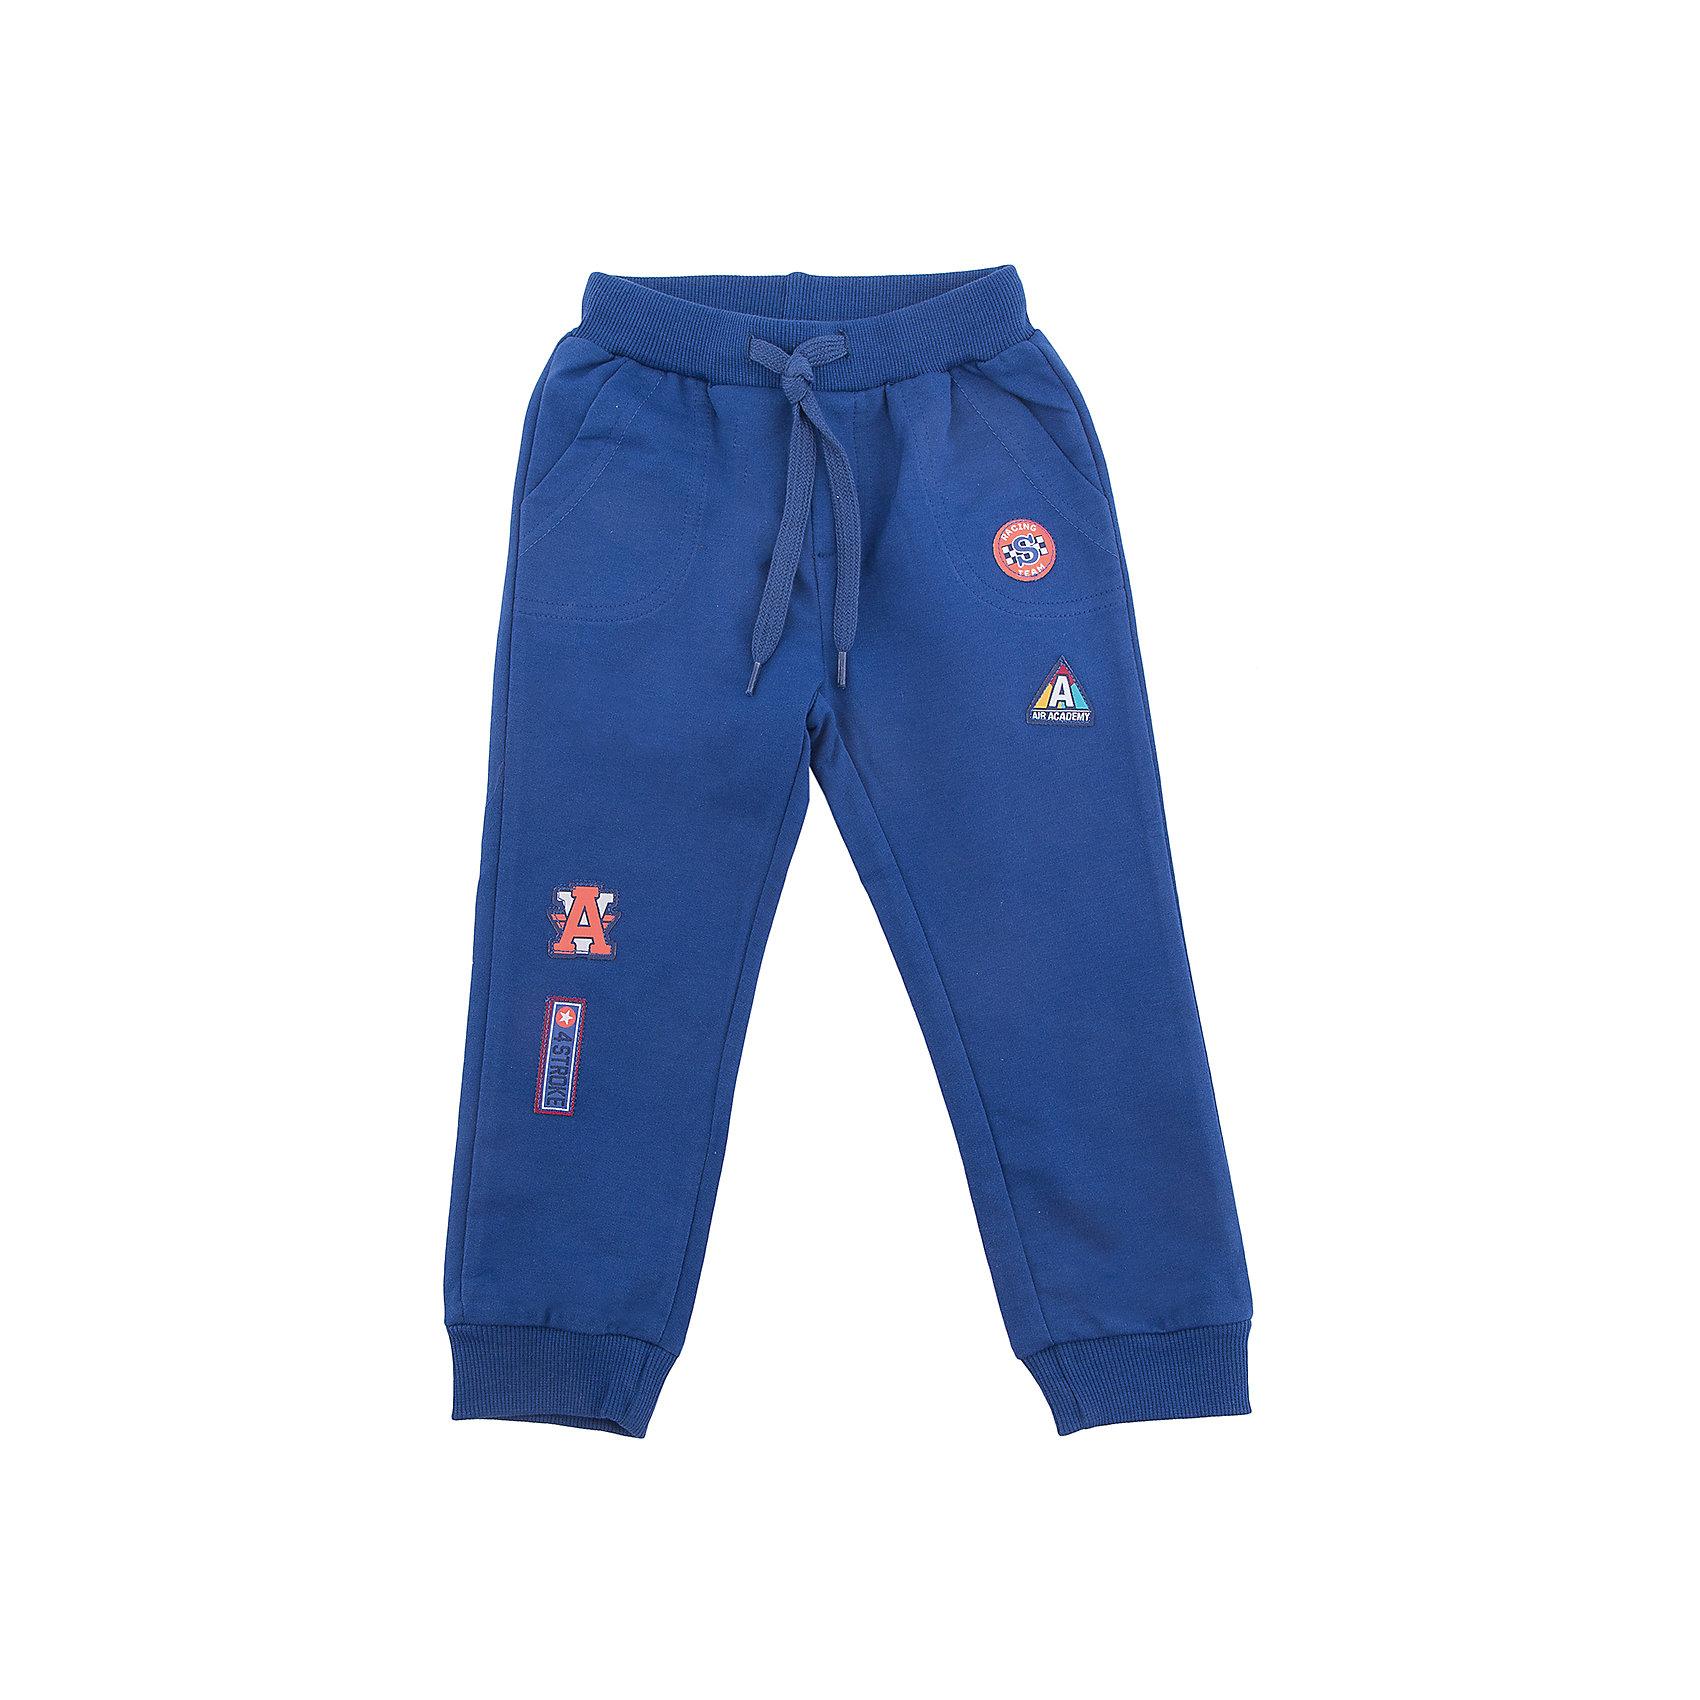 Брюки PlayToday для мальчикаБрюки<br>Брюки PlayToday для мальчика<br>Спортивные брюки. Пояс на широкой резинке, дополнен шнуром - кулиской. Модель с 2-мя вшивными карманами и одним накладным. Низ штанин на манжетах. В качестве декора использованы яркие аппликации.<br>Состав:<br>80% хлопок, 20% полиэстер<br><br>Ширина мм: 215<br>Глубина мм: 88<br>Высота мм: 191<br>Вес г: 336<br>Цвет: синий<br>Возраст от месяцев: 84<br>Возраст до месяцев: 96<br>Пол: Мужской<br>Возраст: Детский<br>Размер: 128,98,104,110,116,122<br>SKU: 7111693